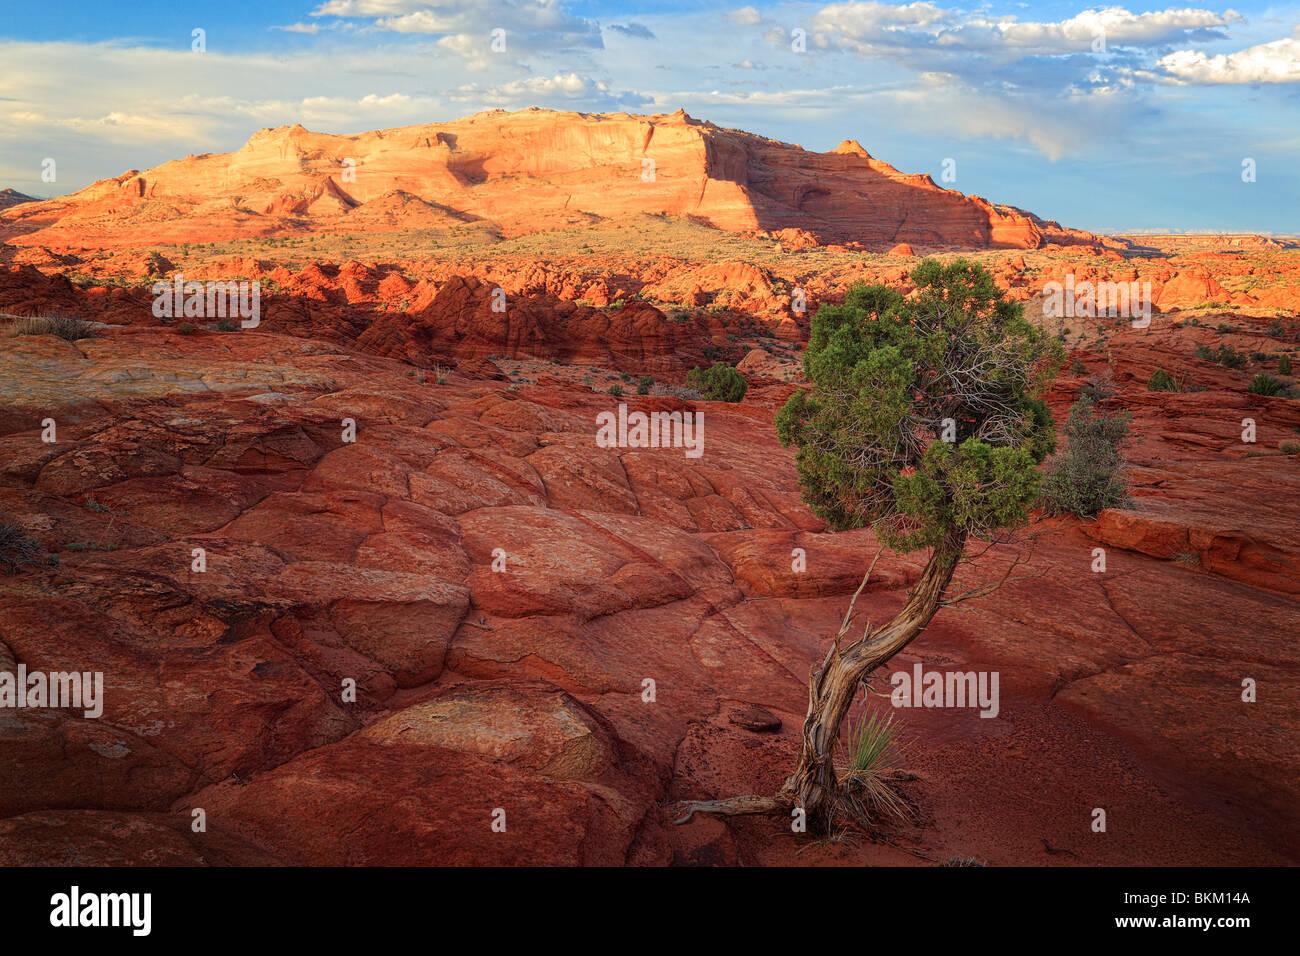 Albero di ginepro e formazioni rocciose in Vermiglio scogliere monumento nazionale, Arizona Immagini Stock